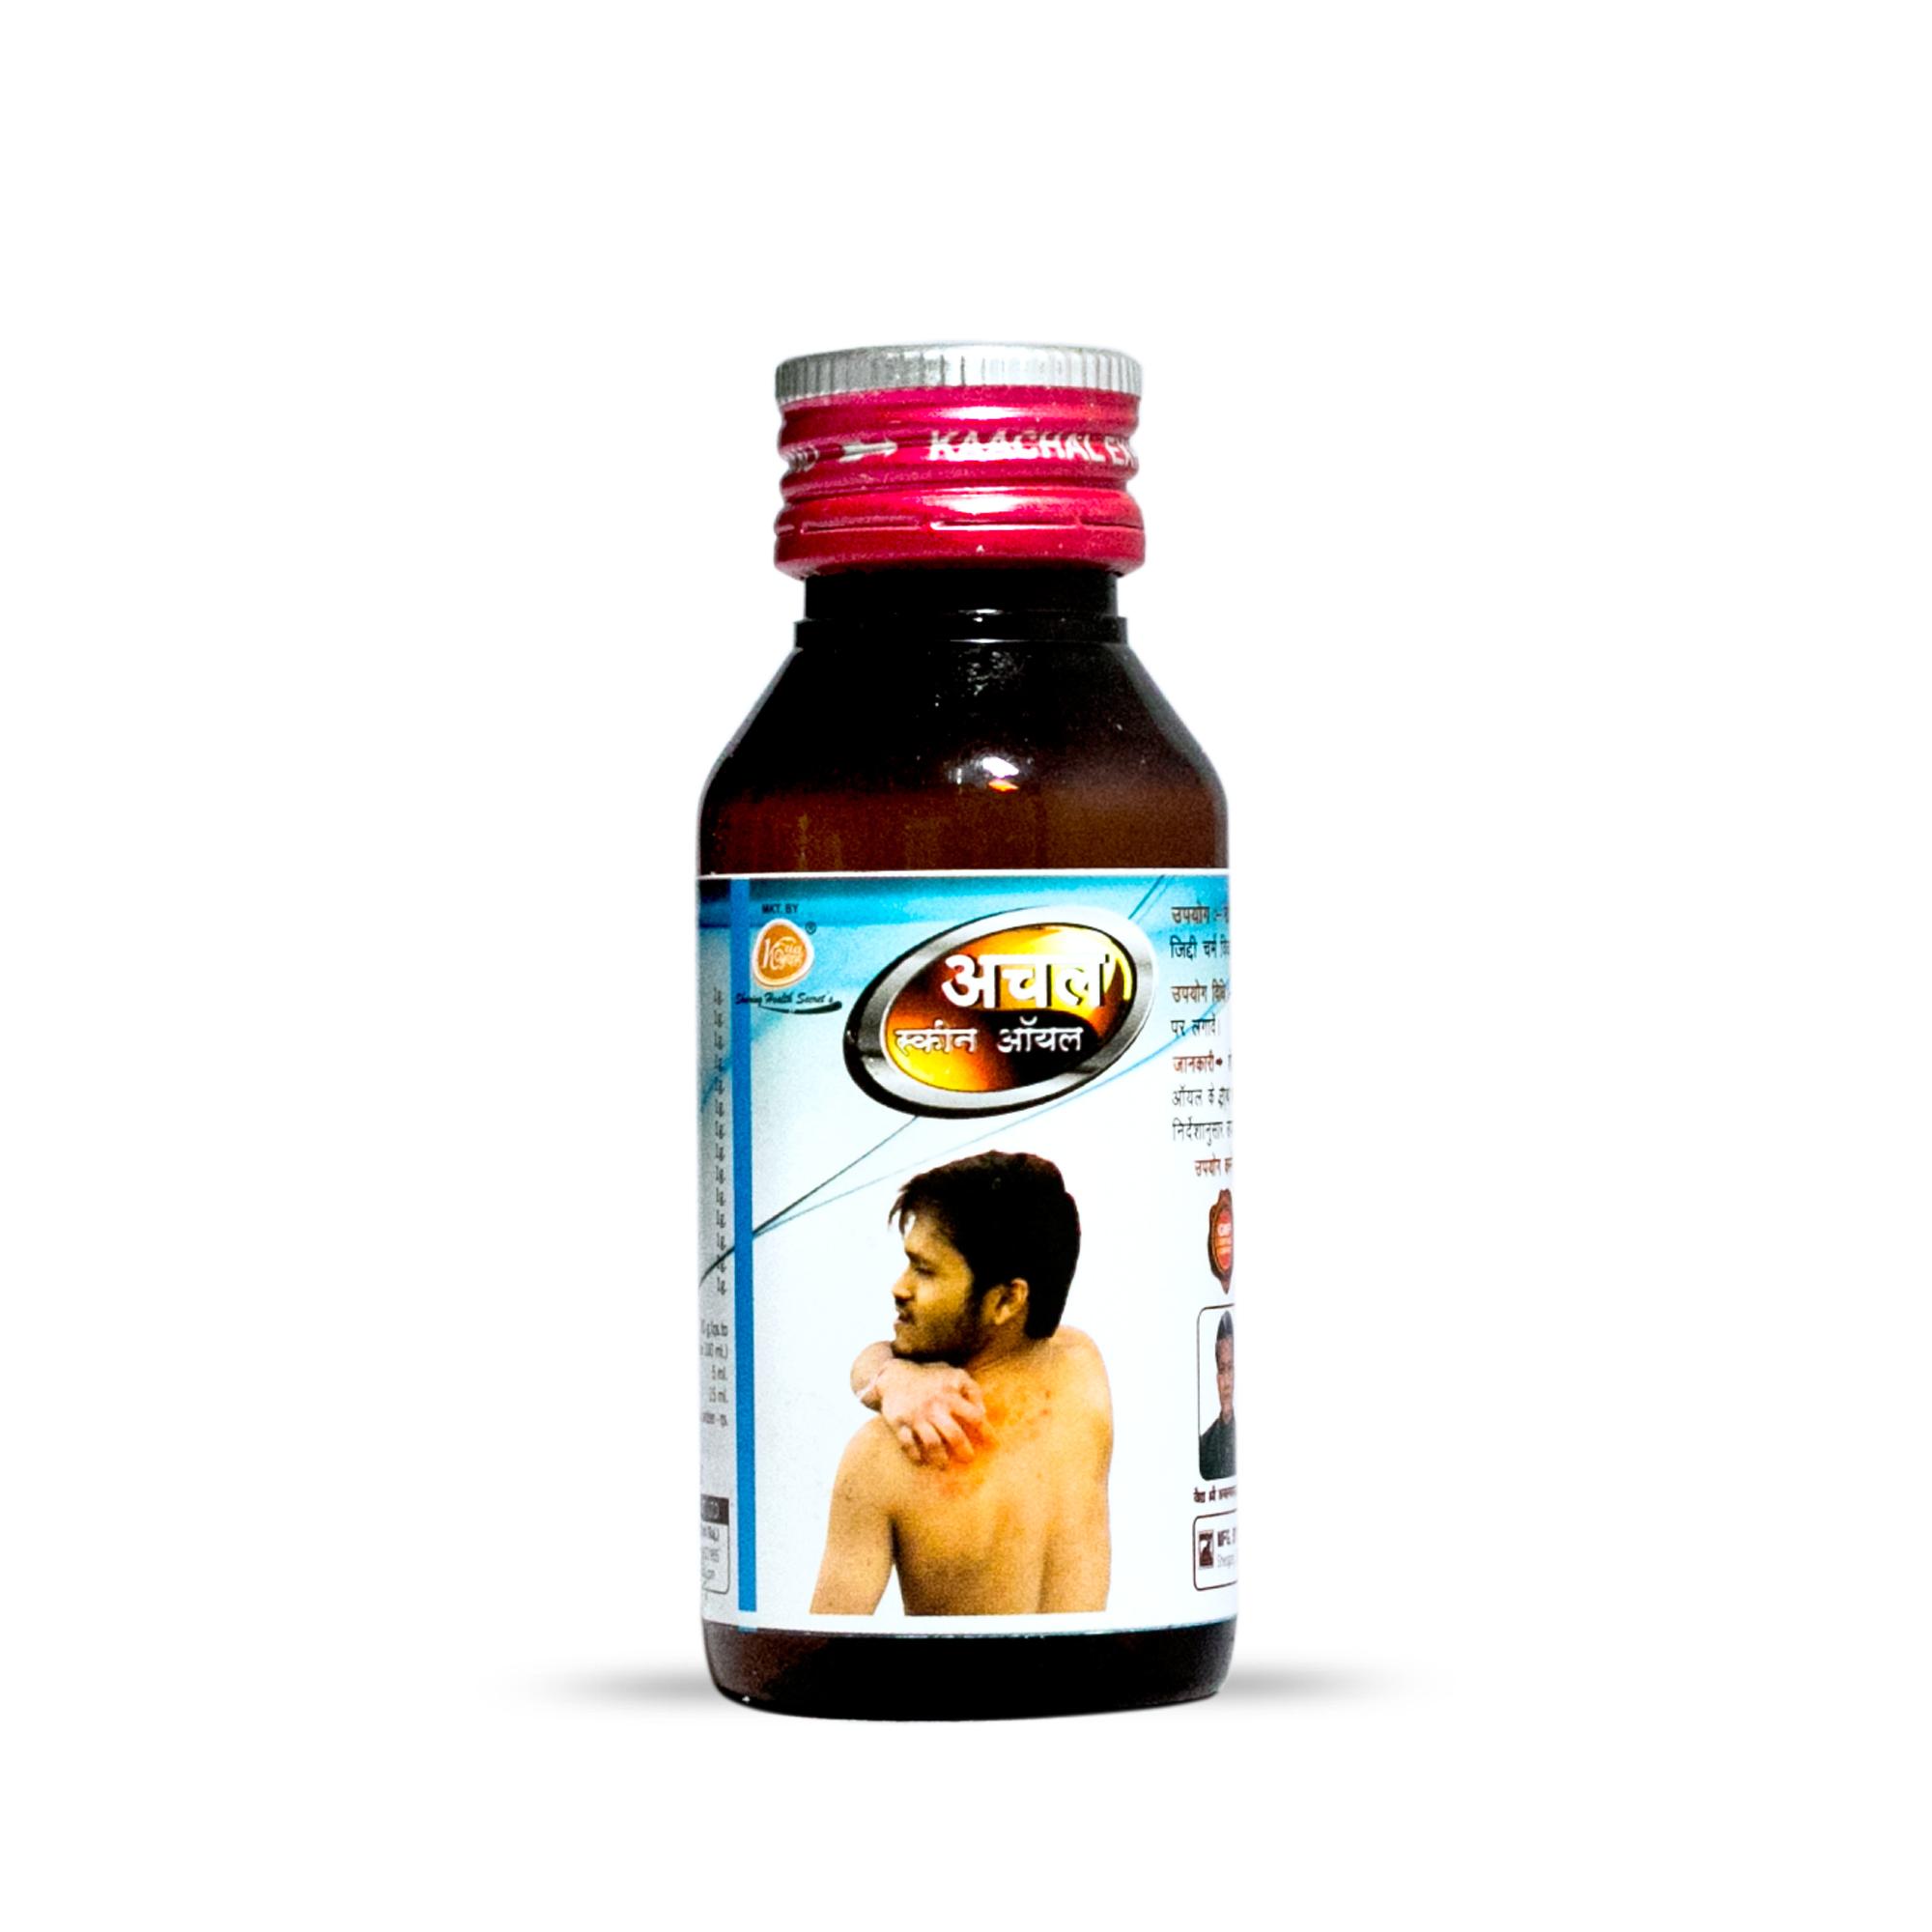 Achal Skin Oil